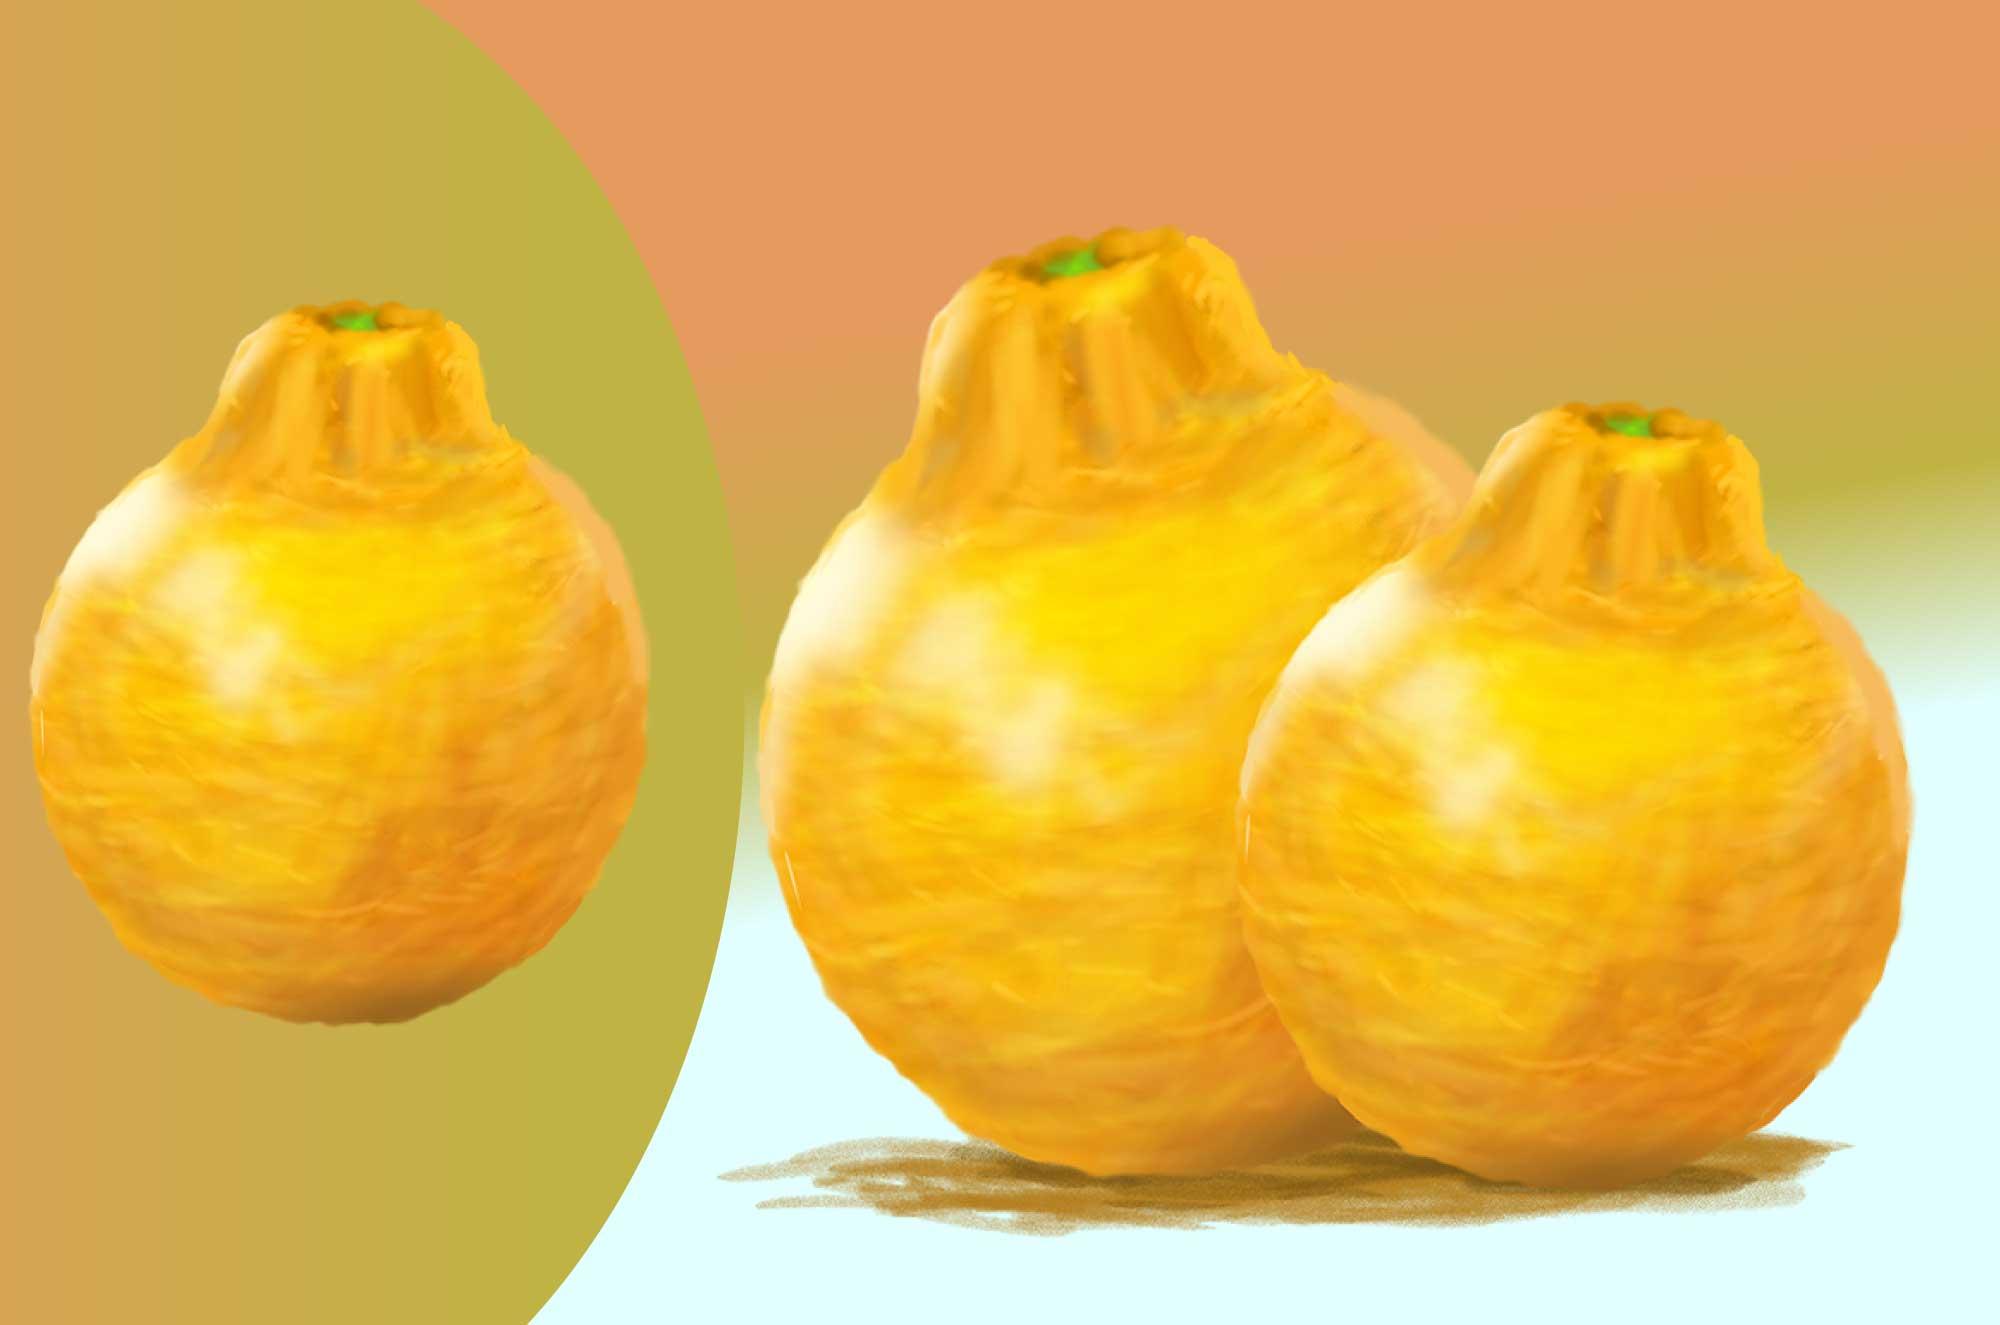 デコポン(不知火)の無料イラスト - 柑橘果物素材